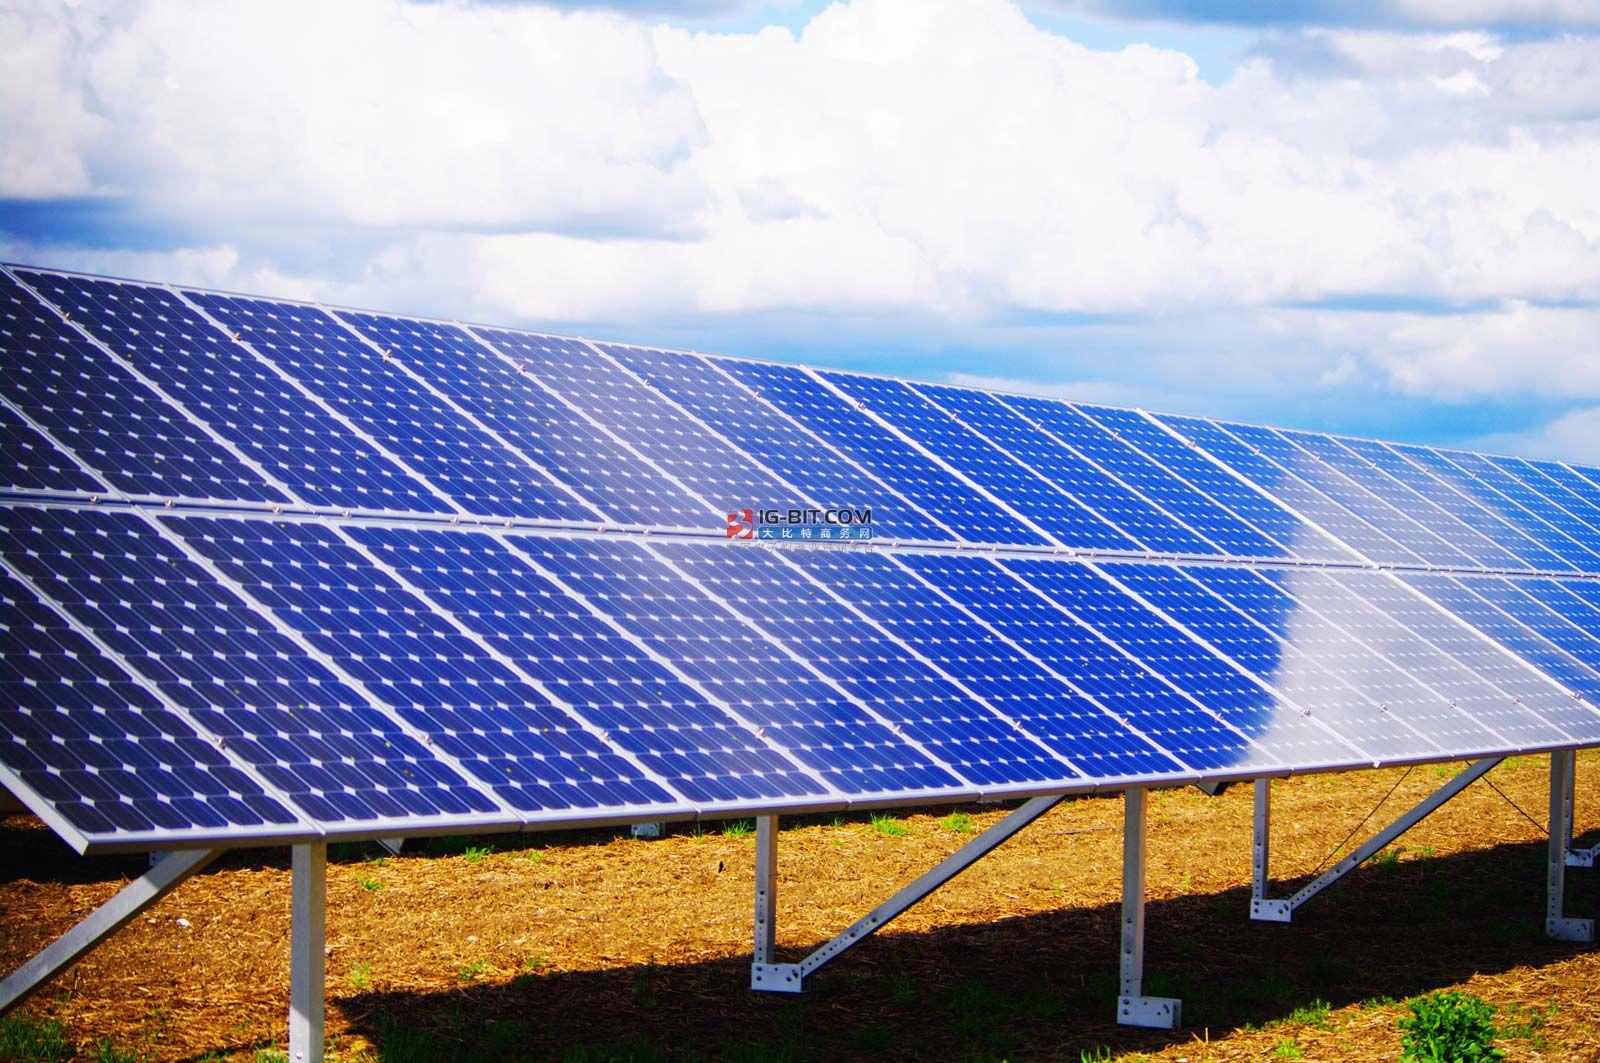 杰拉德:阿尔及利亚必须开发太阳能以增加投资